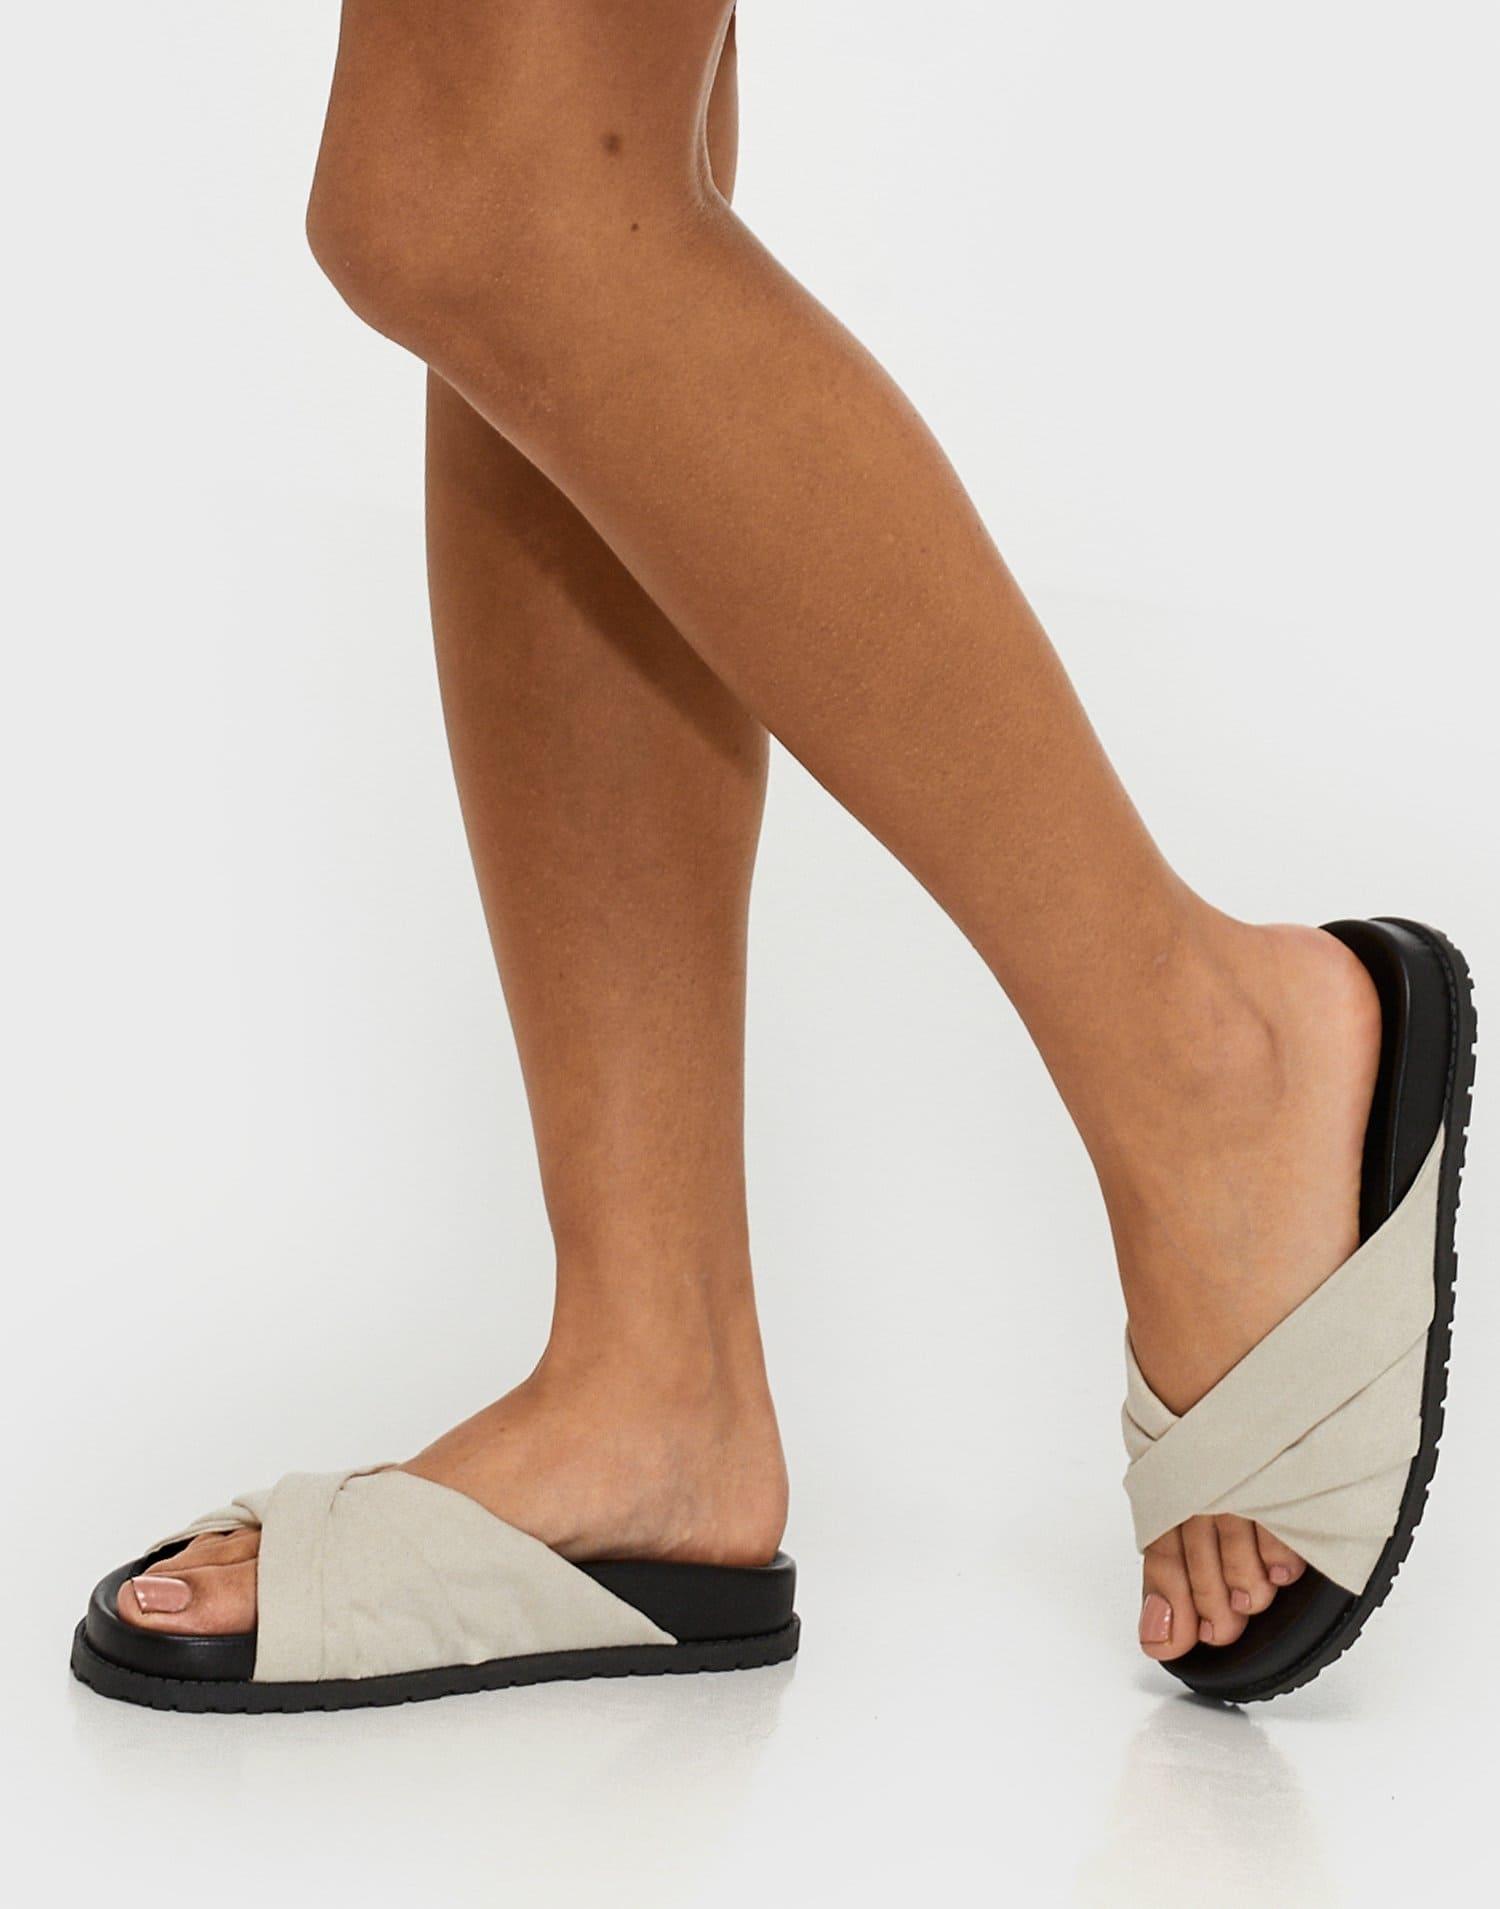 Låga sandaler för dam i vit naturfärg